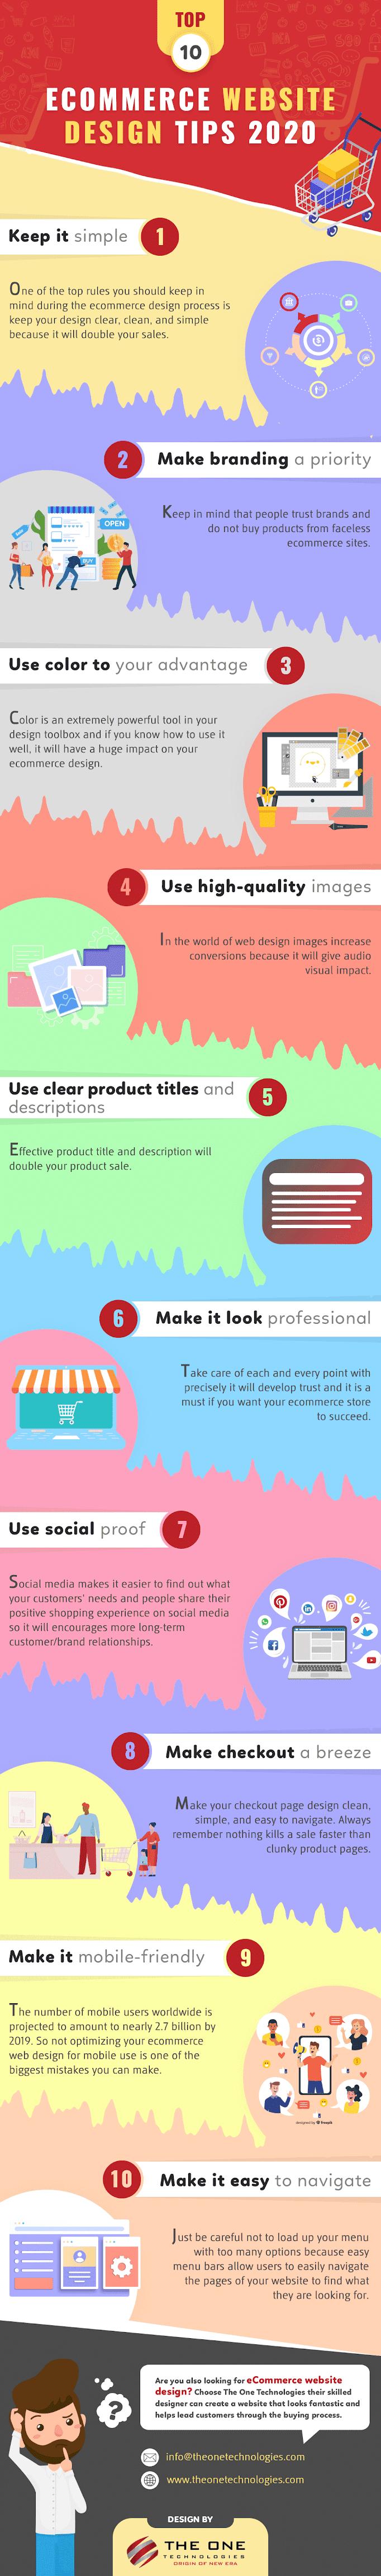 Top 10 Ecommerce Website Design Tips 2020 #infographic #Marketing #Website Design #eCommerce